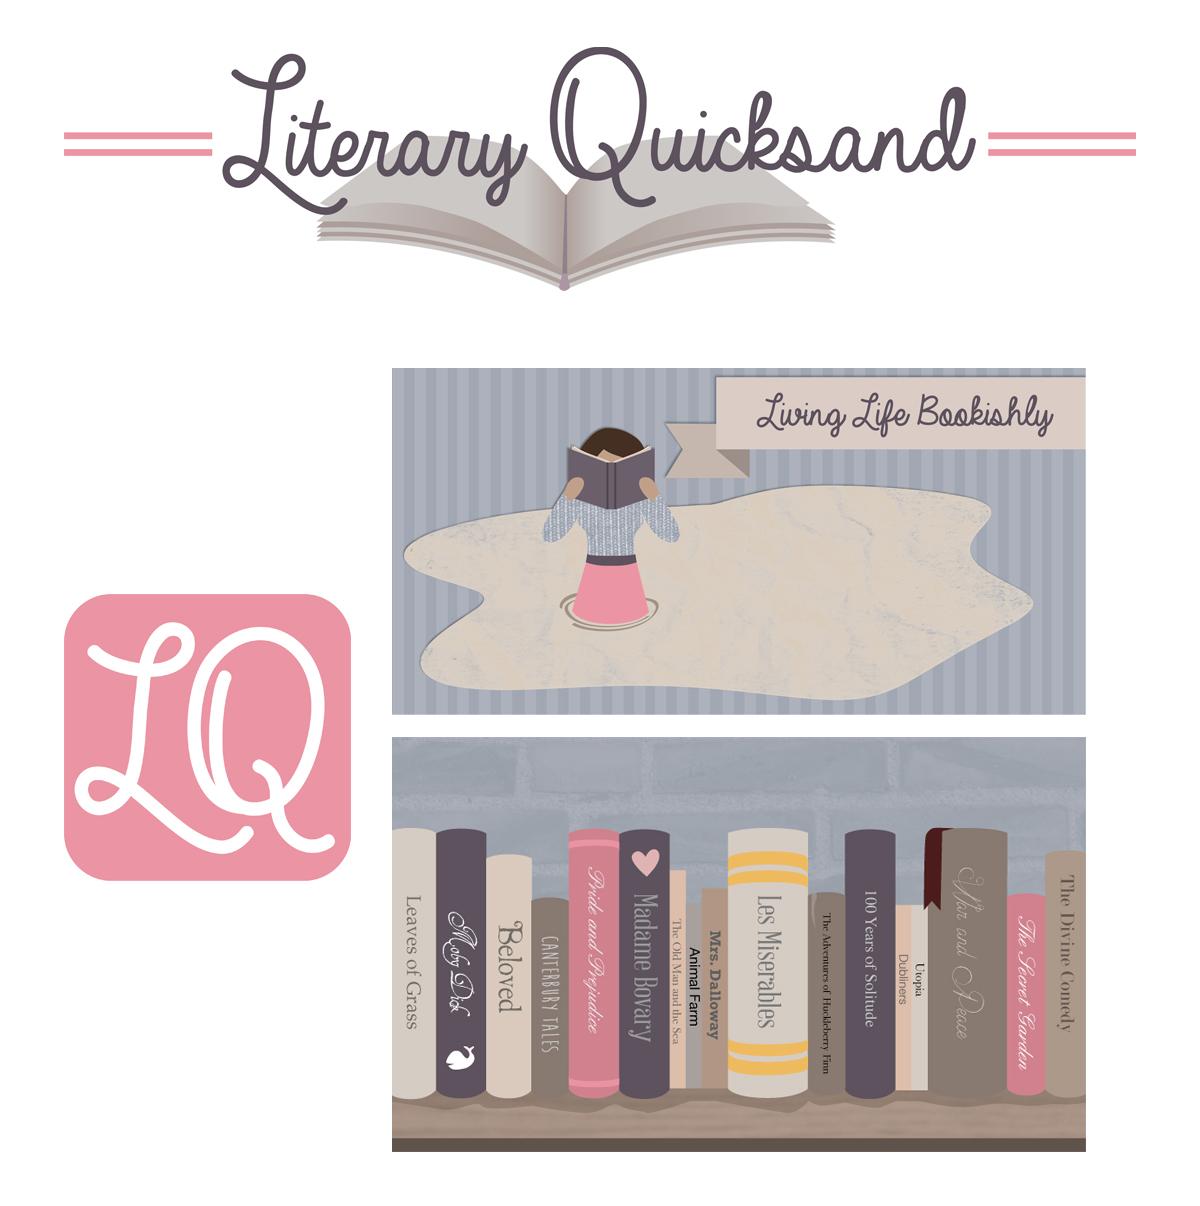 Branding / Logo Design: LiteraryQuicksand.com